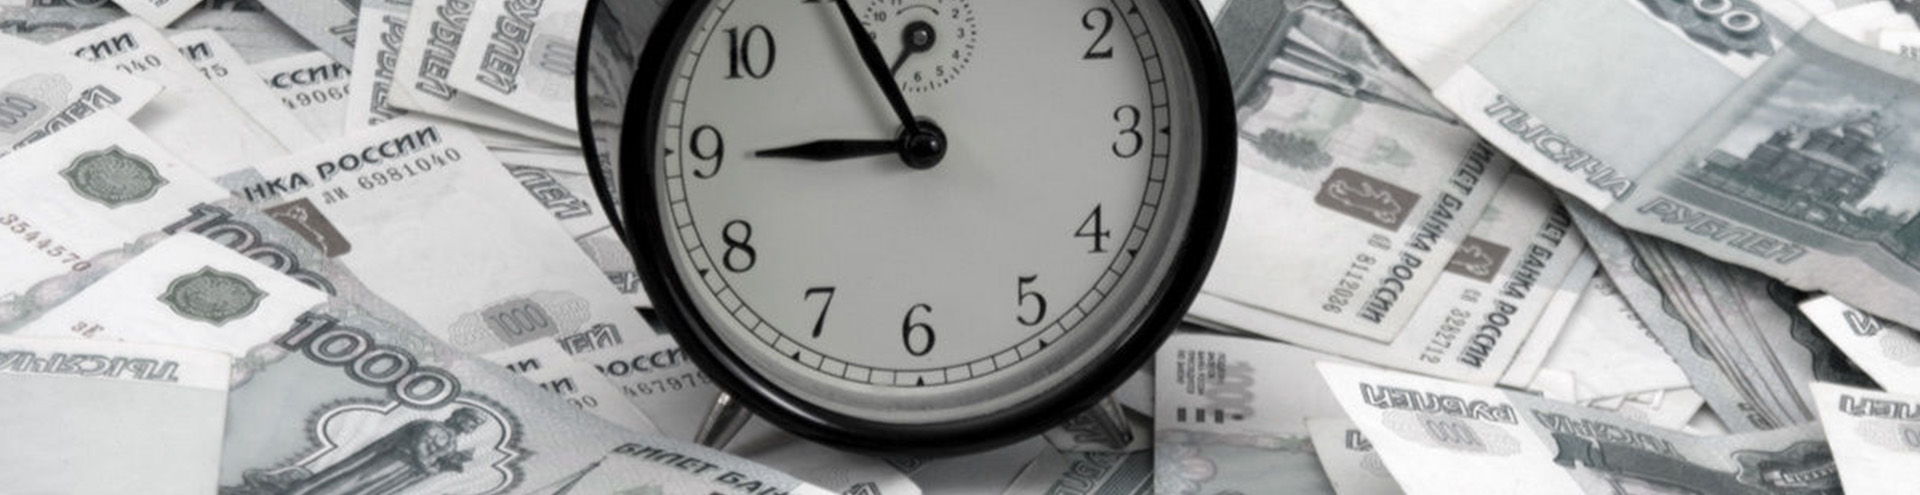 судебное взыскание долгов в Оренбурге и Оренбургской области